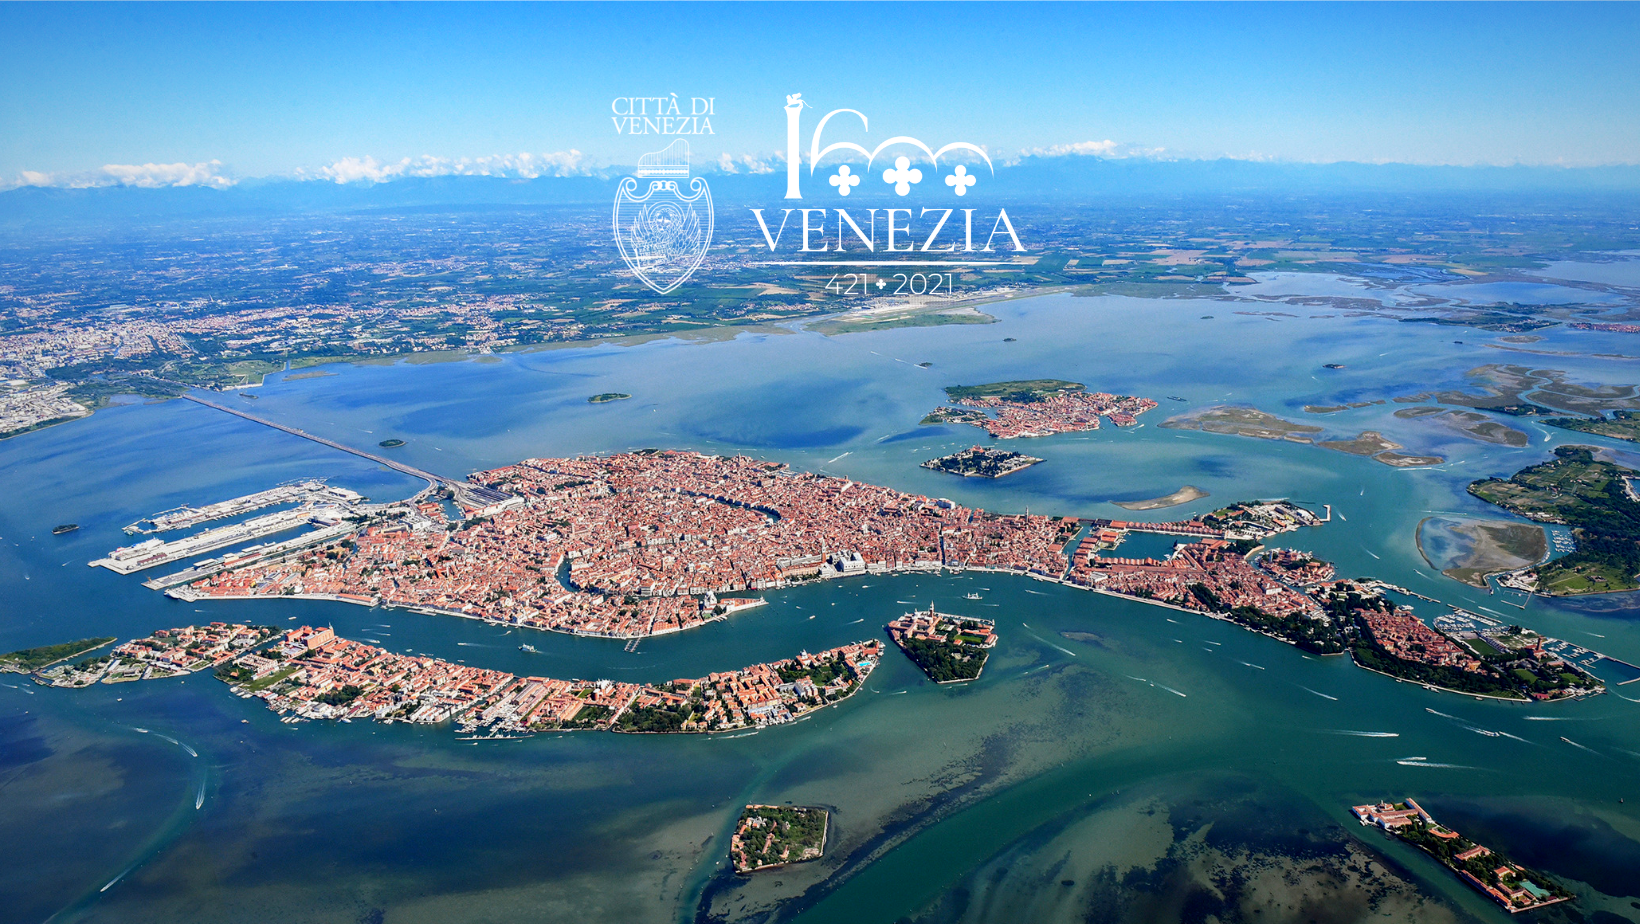 venezia1600_copertina_fb_doppio_logo_3